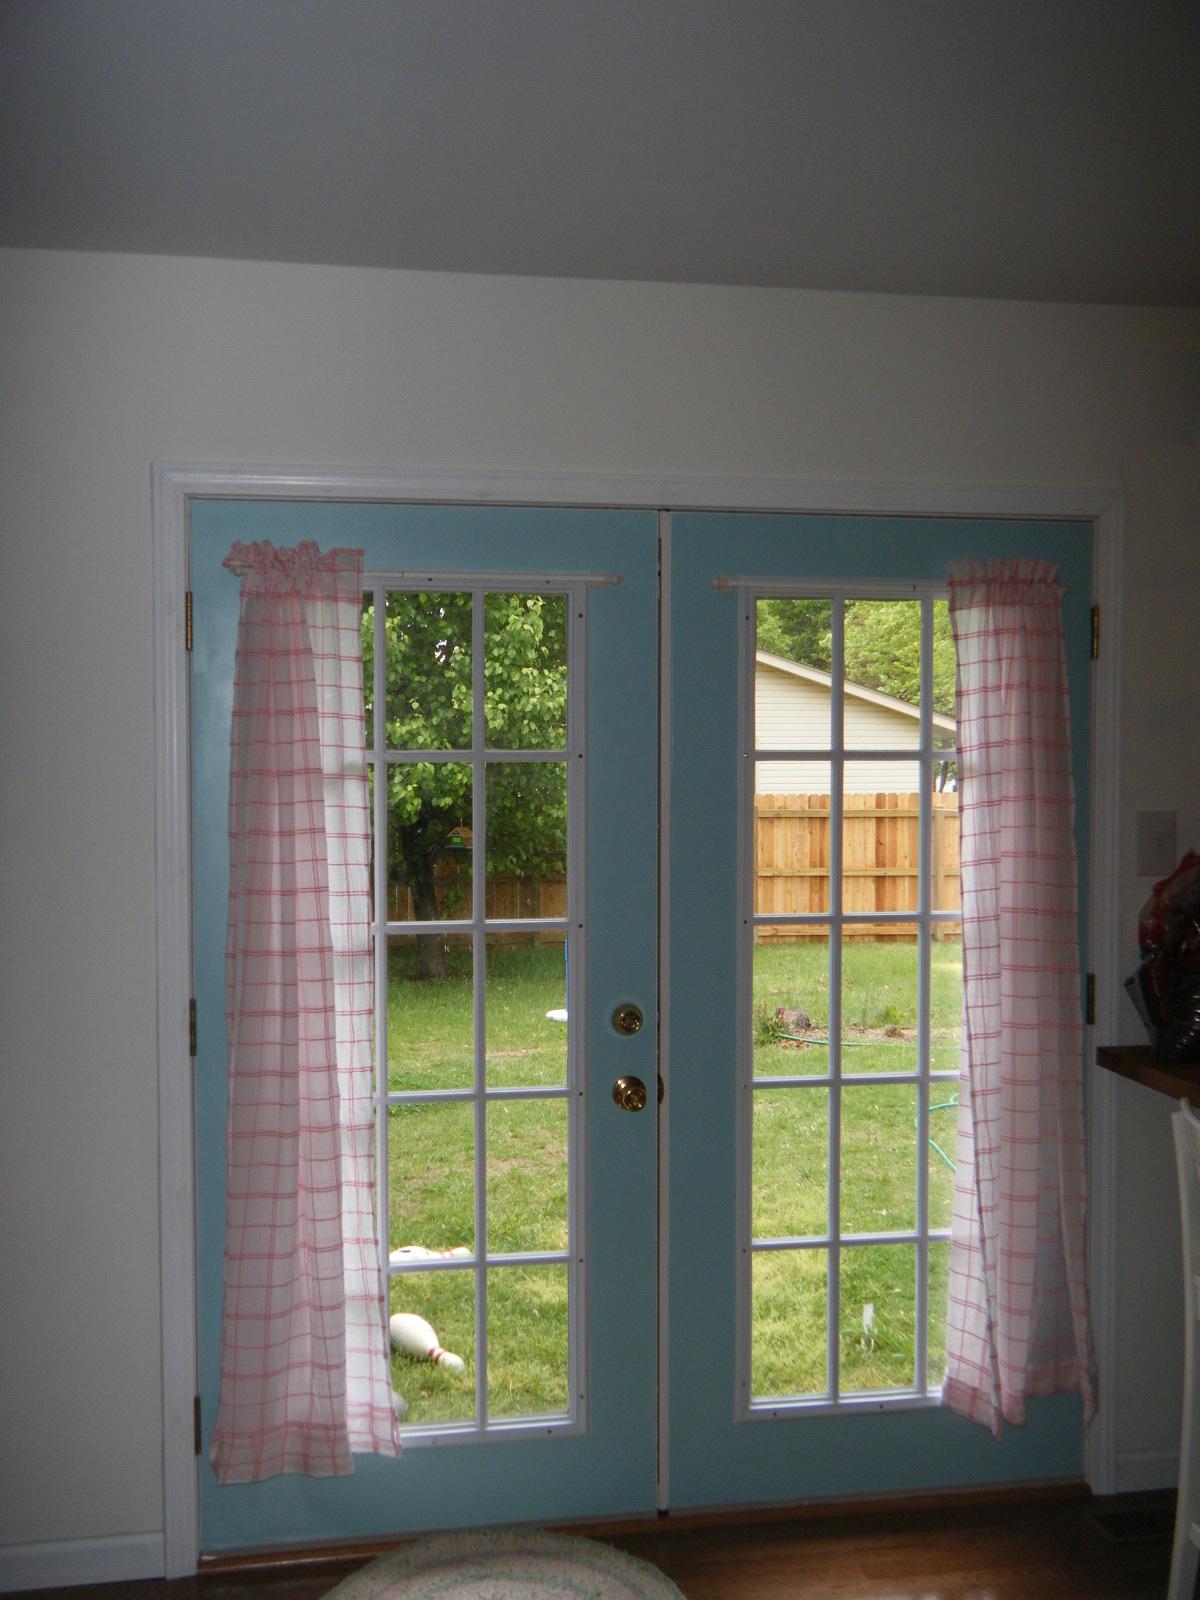 makin 39 projiks april 2010. Black Bedroom Furniture Sets. Home Design Ideas